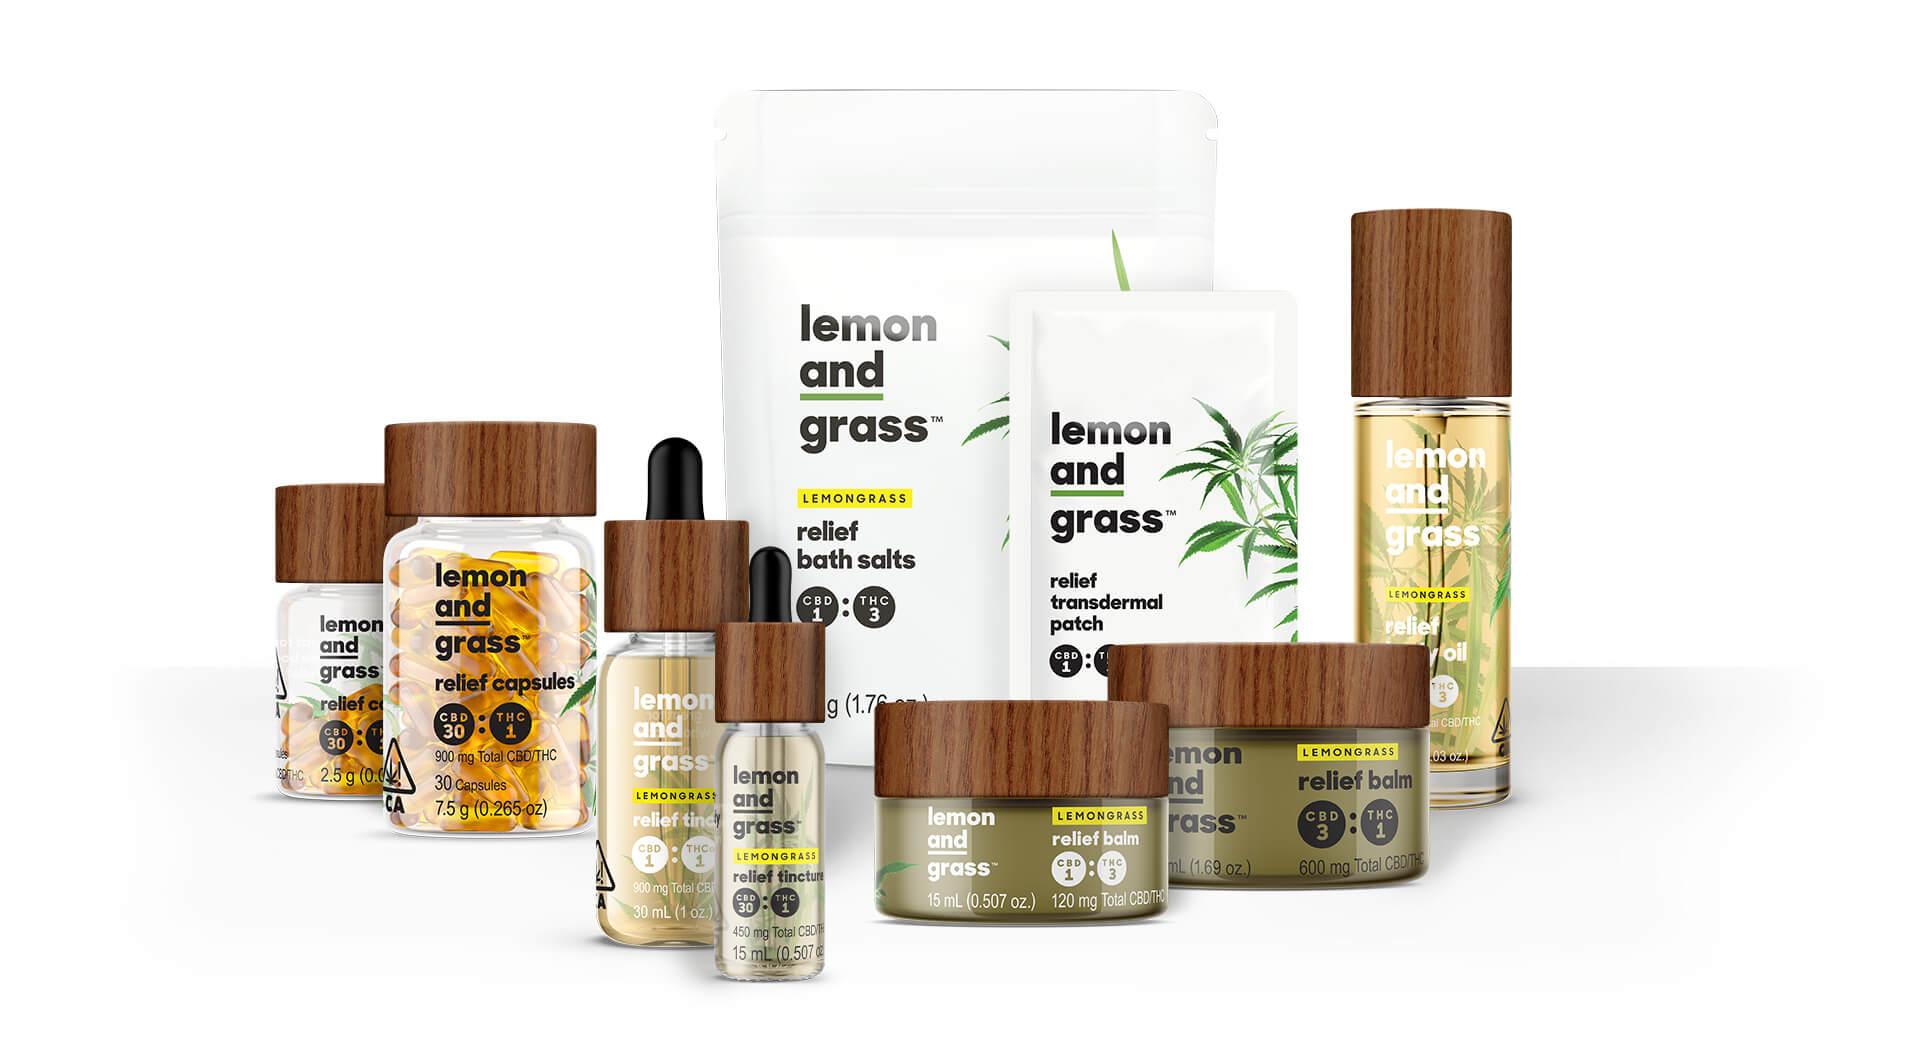 https://www.lemonandgrass.com/wp-content/uploads/2019/07/Product_Family-1920_V3.jpg